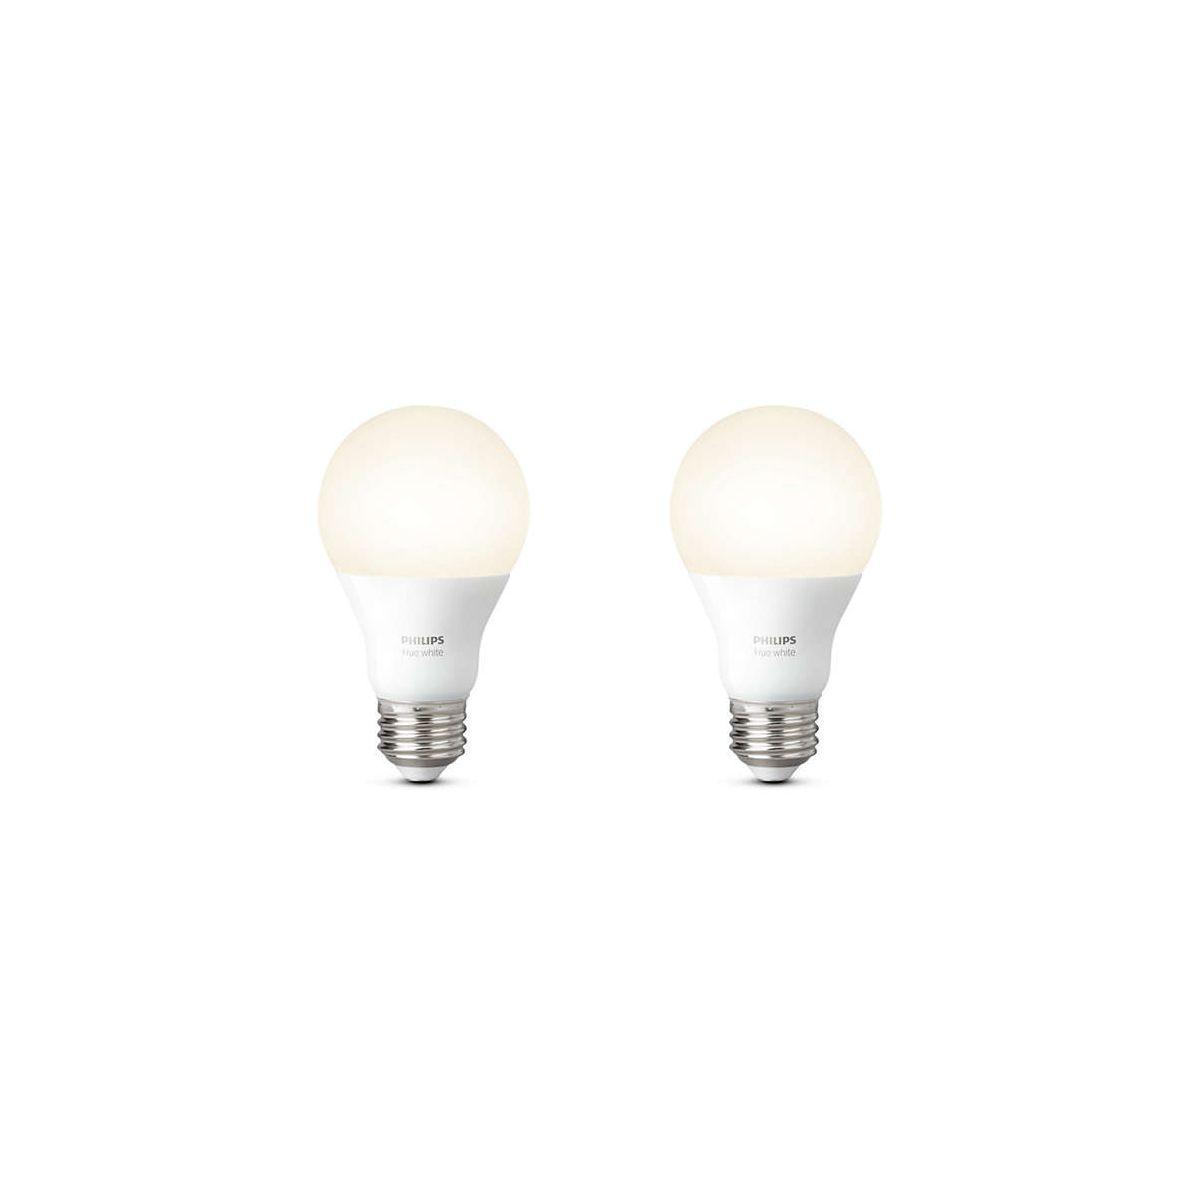 Ampoule connectable philips pack x2 e27 hue white - 2% de remise imm�diate avec le code : school2 (photo)